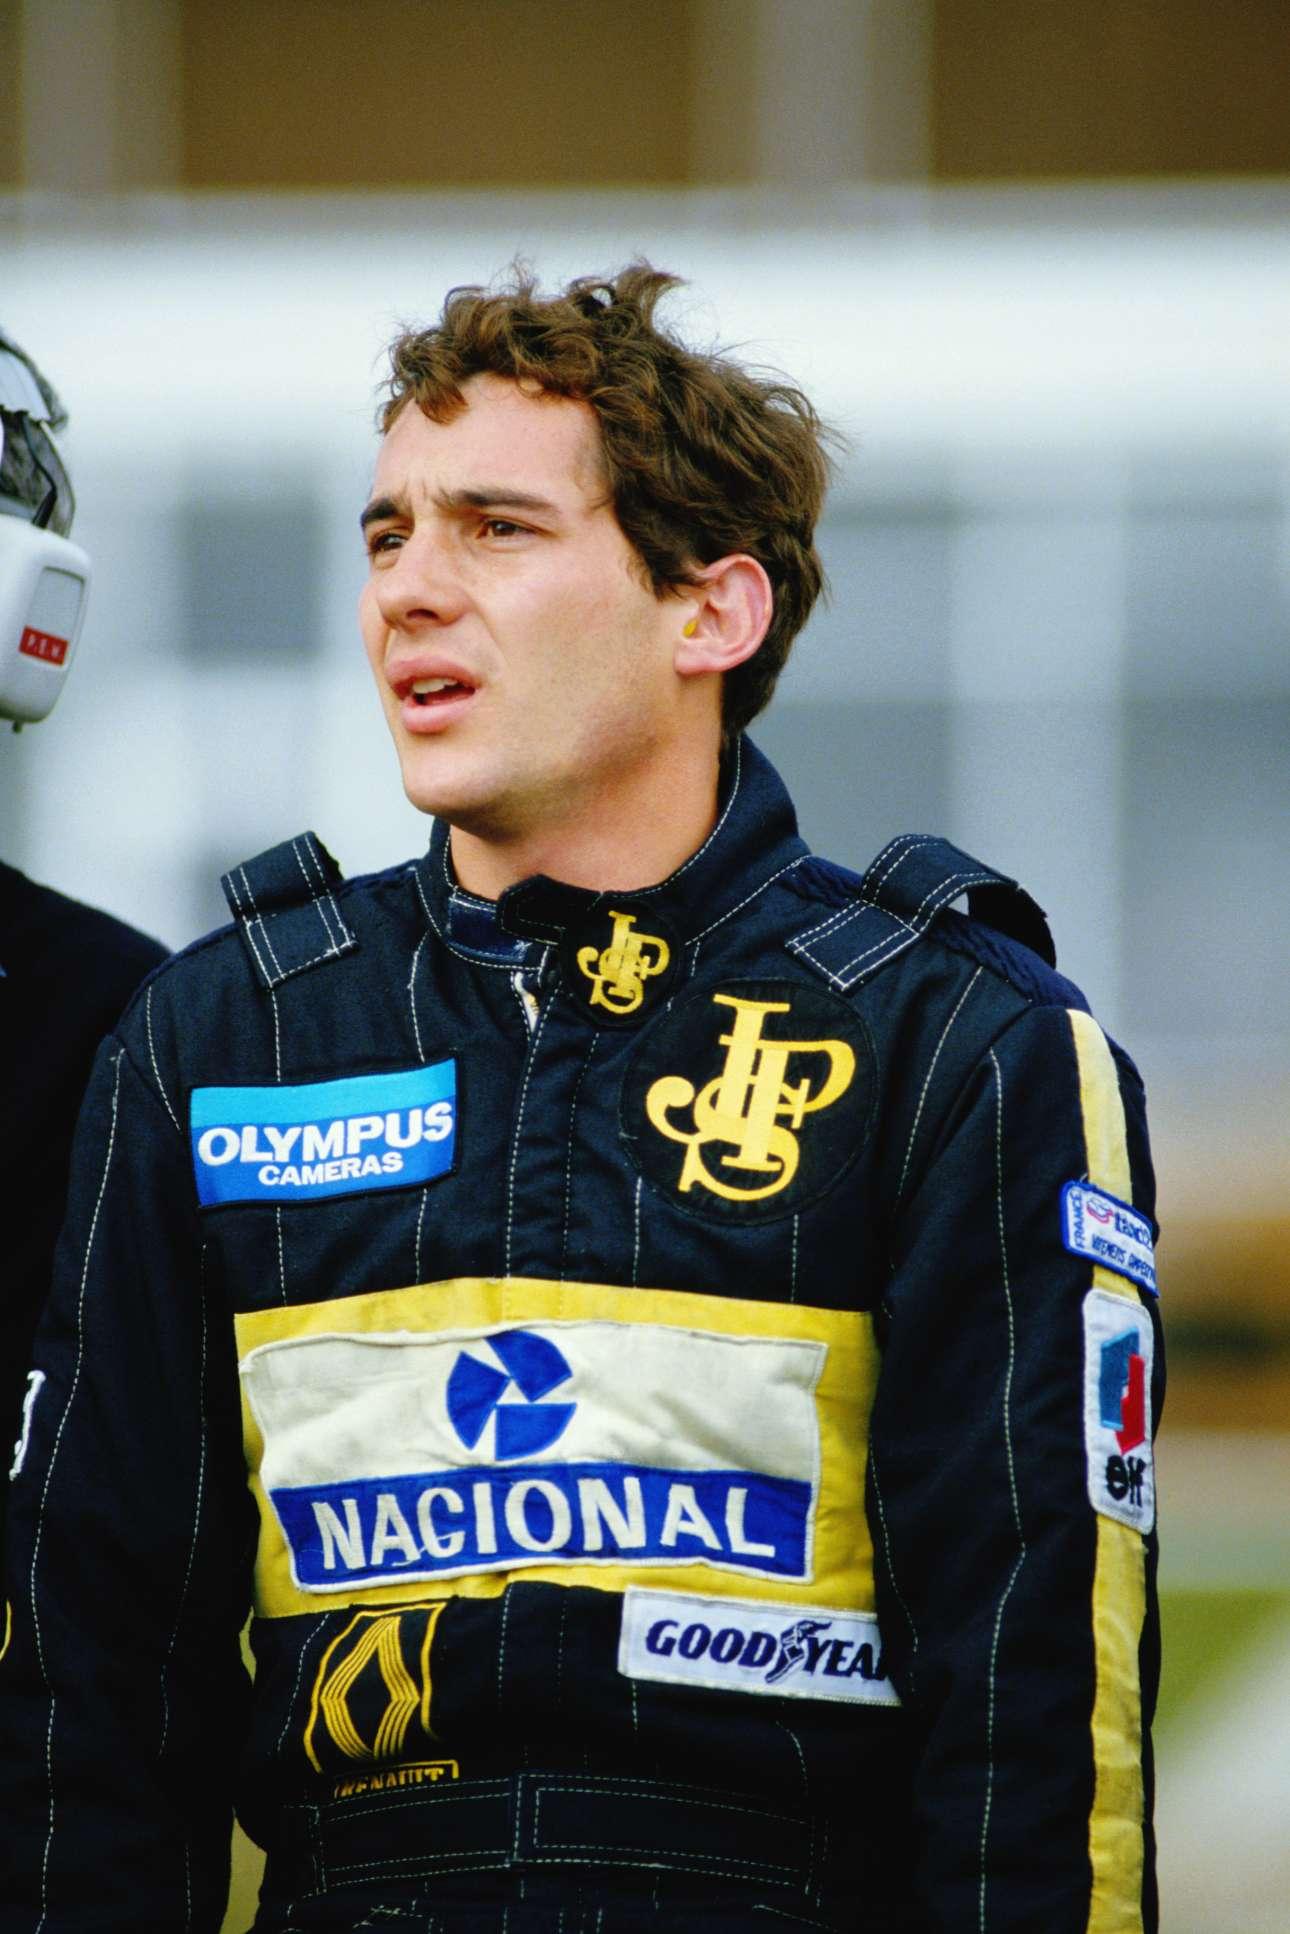 Οκτώβριος 1985, ο Αϊρτον Σένα της Lotus στην πίστα του Μπραντς Χατς στην Αγγλία. Εκείνη τη χρονιά, στα 25 του, κατέκτησε την τέταρτη θέση στο πρωτάθλημα